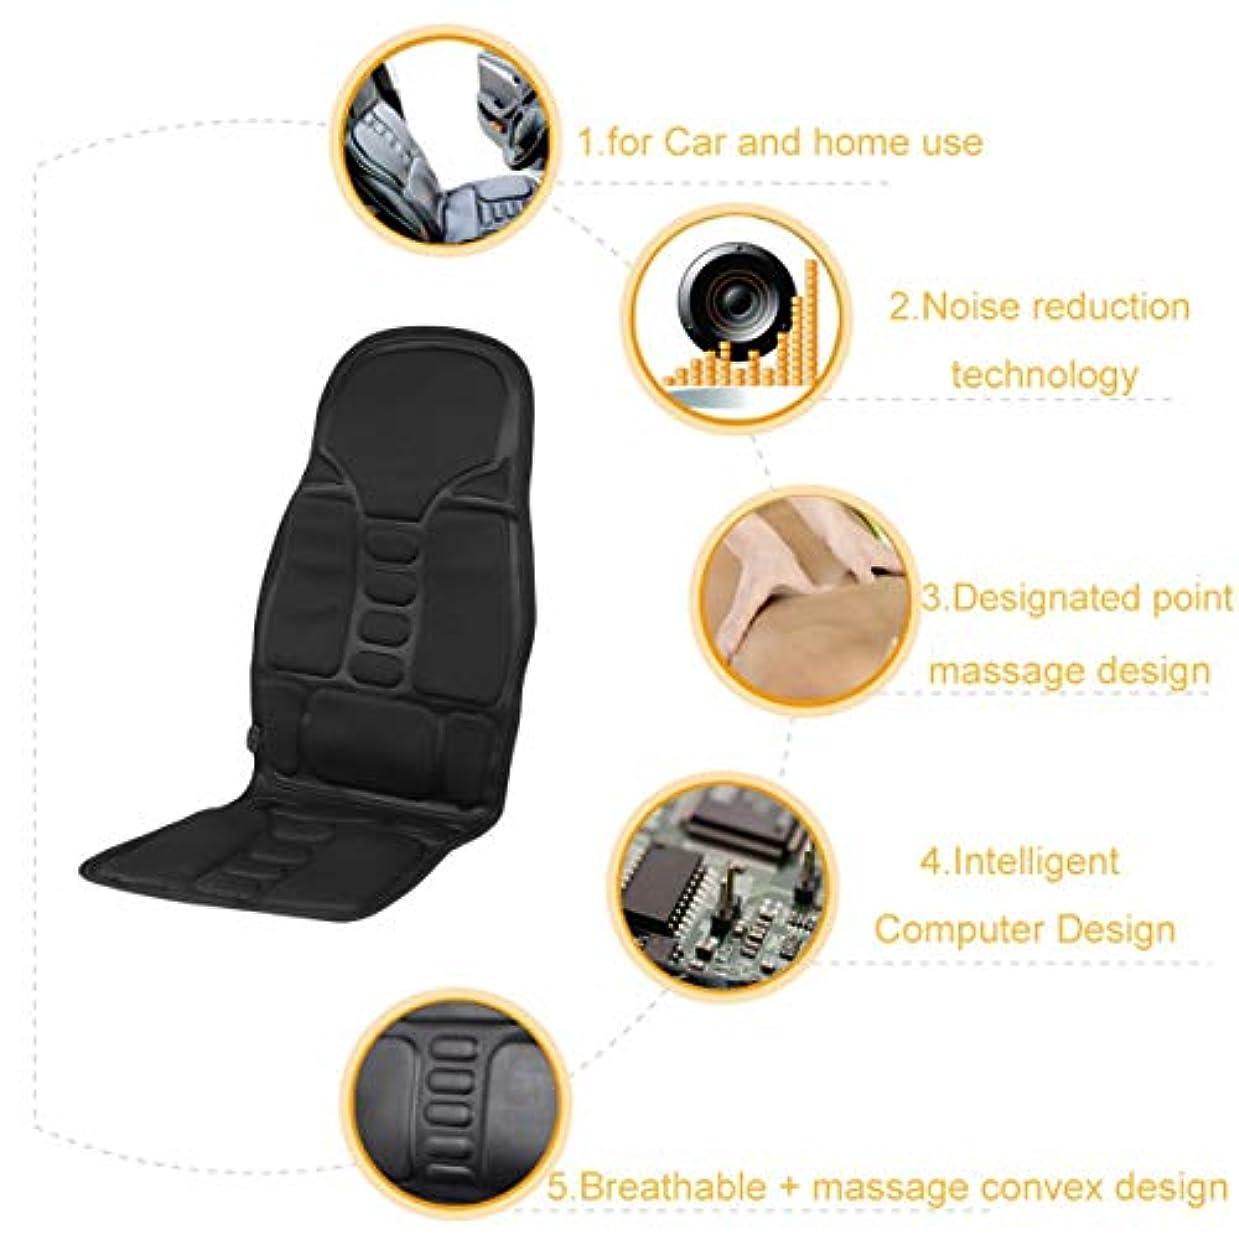 振動させる陸軍古代Professional Car Household Office Full Body Massage Cushion Lumbar Heat Vibration Neck Back Massage Cushion Seat